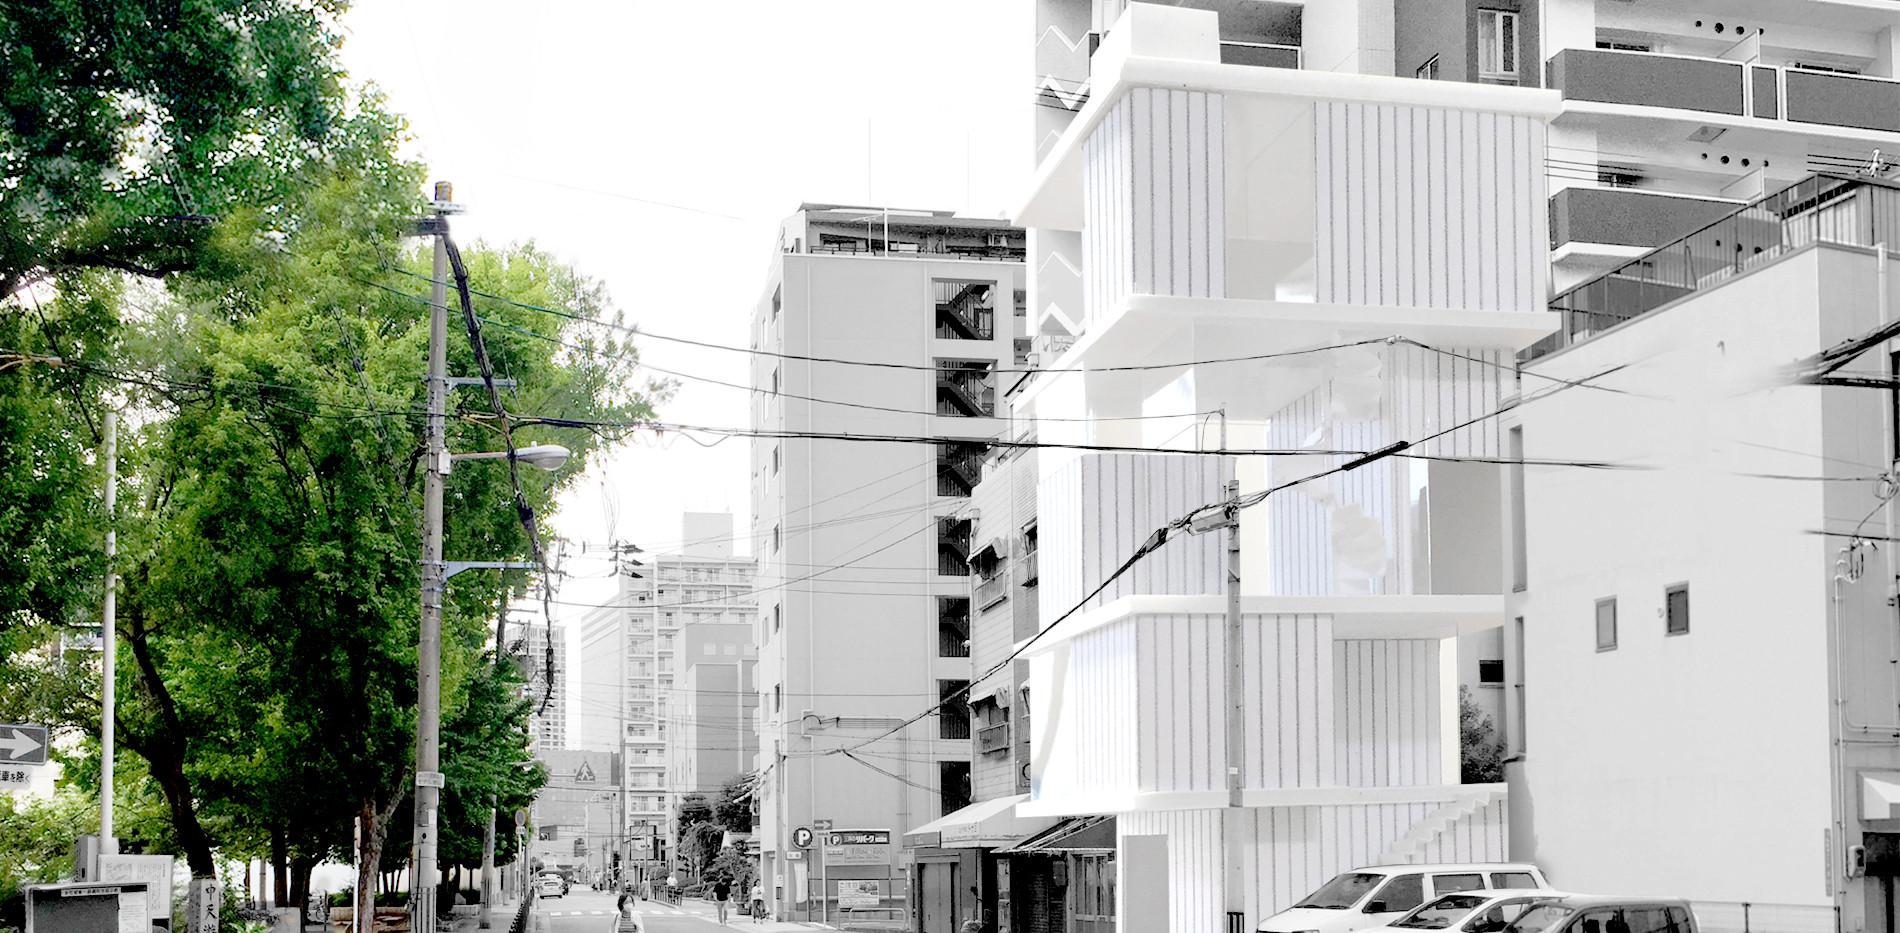 houseT+.jpg